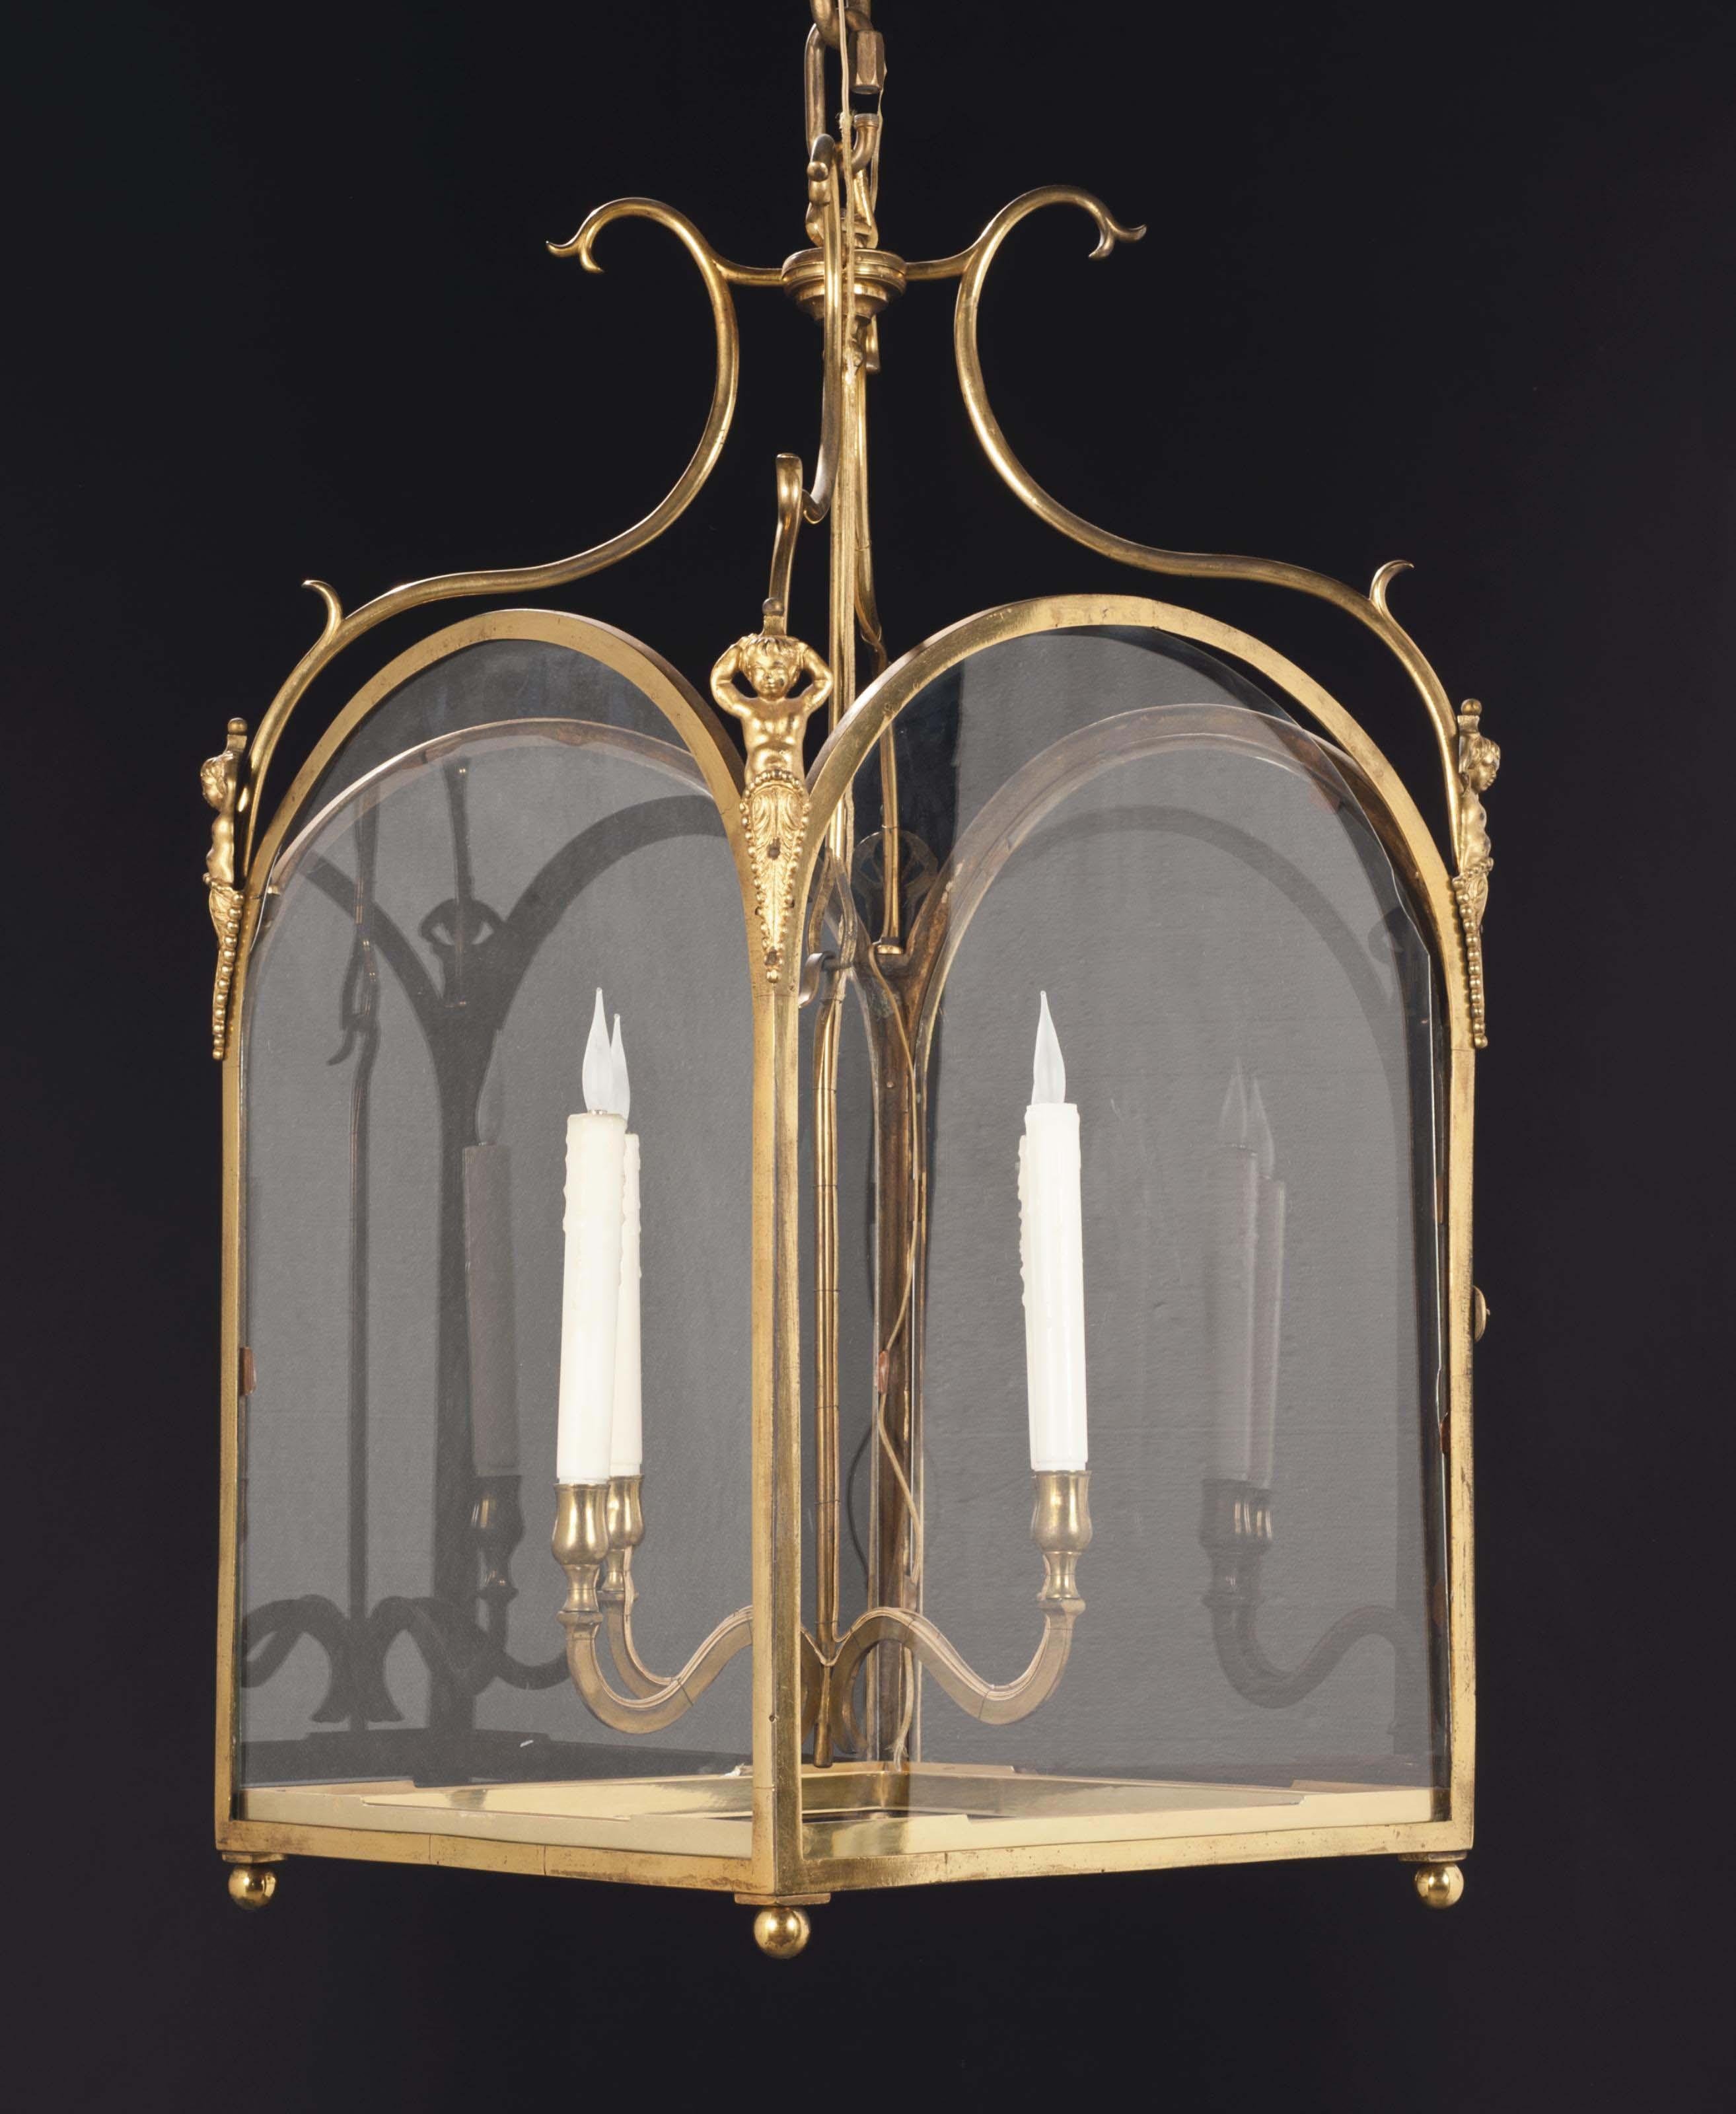 lanterne de style louis xv probablement du xxeme siecle. Black Bedroom Furniture Sets. Home Design Ideas